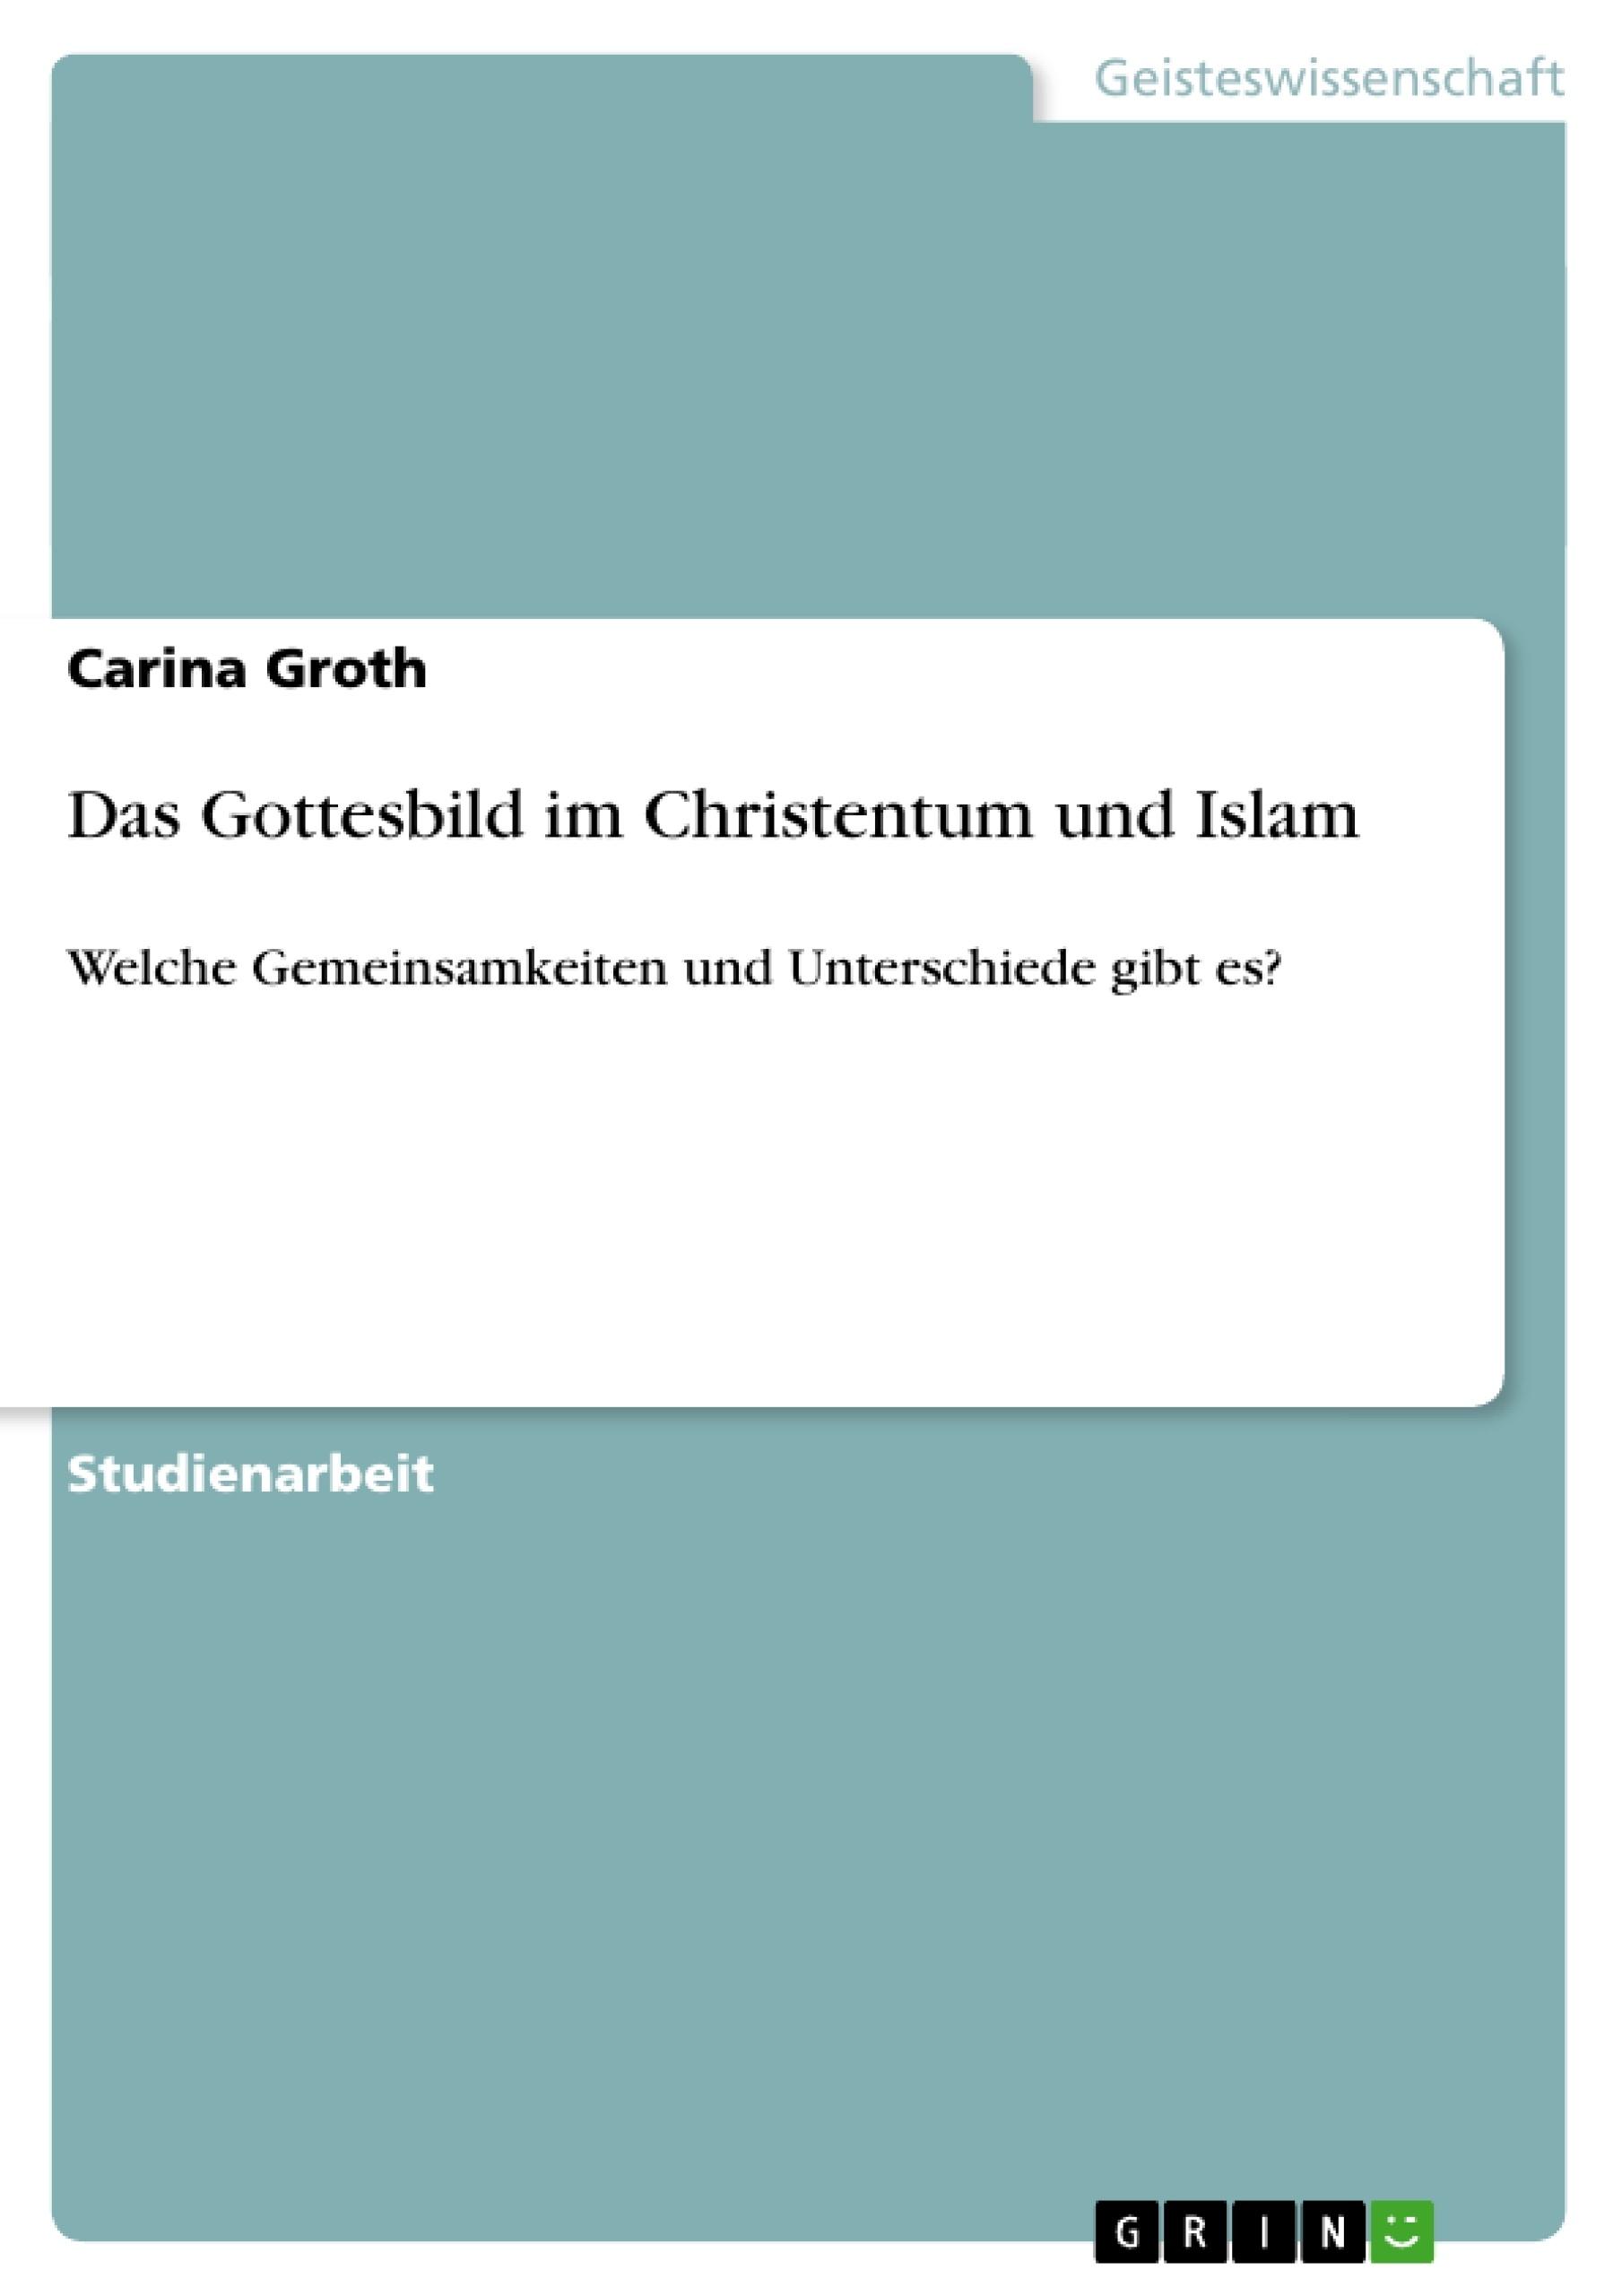 Titel: Das Gottesbild im Christentum und Islam